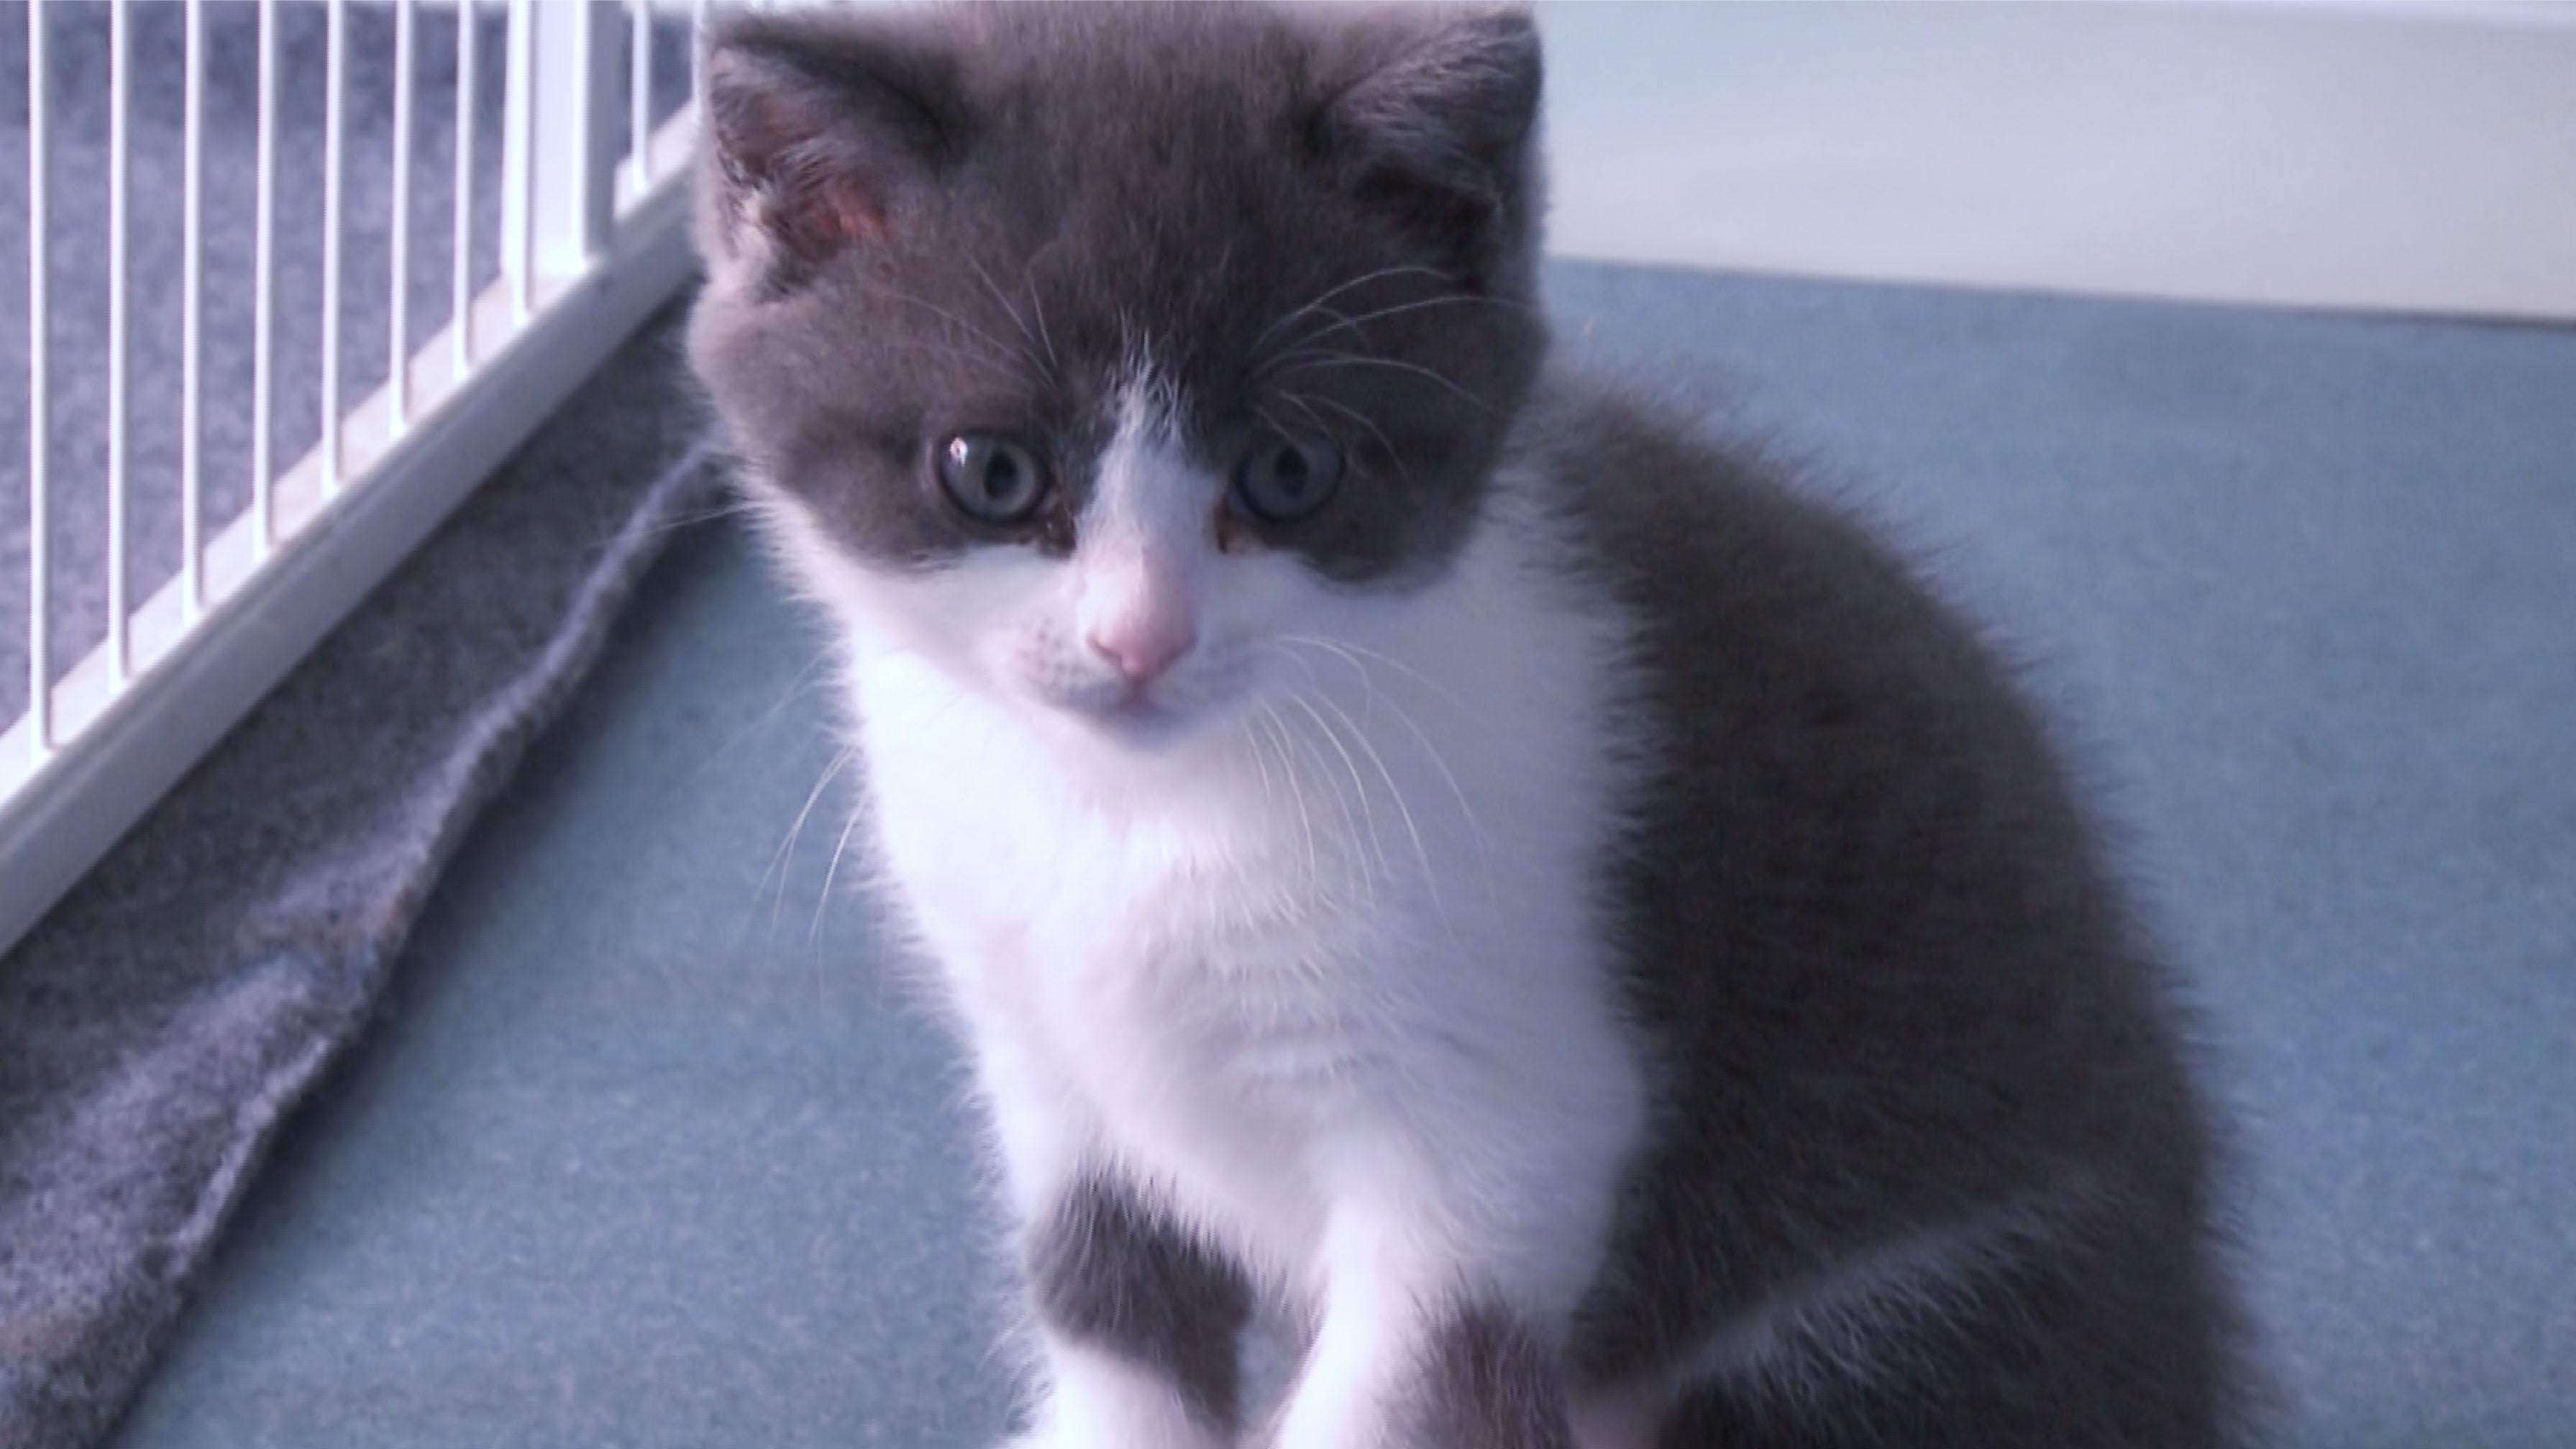 Míralo bien: este gatito es clonado